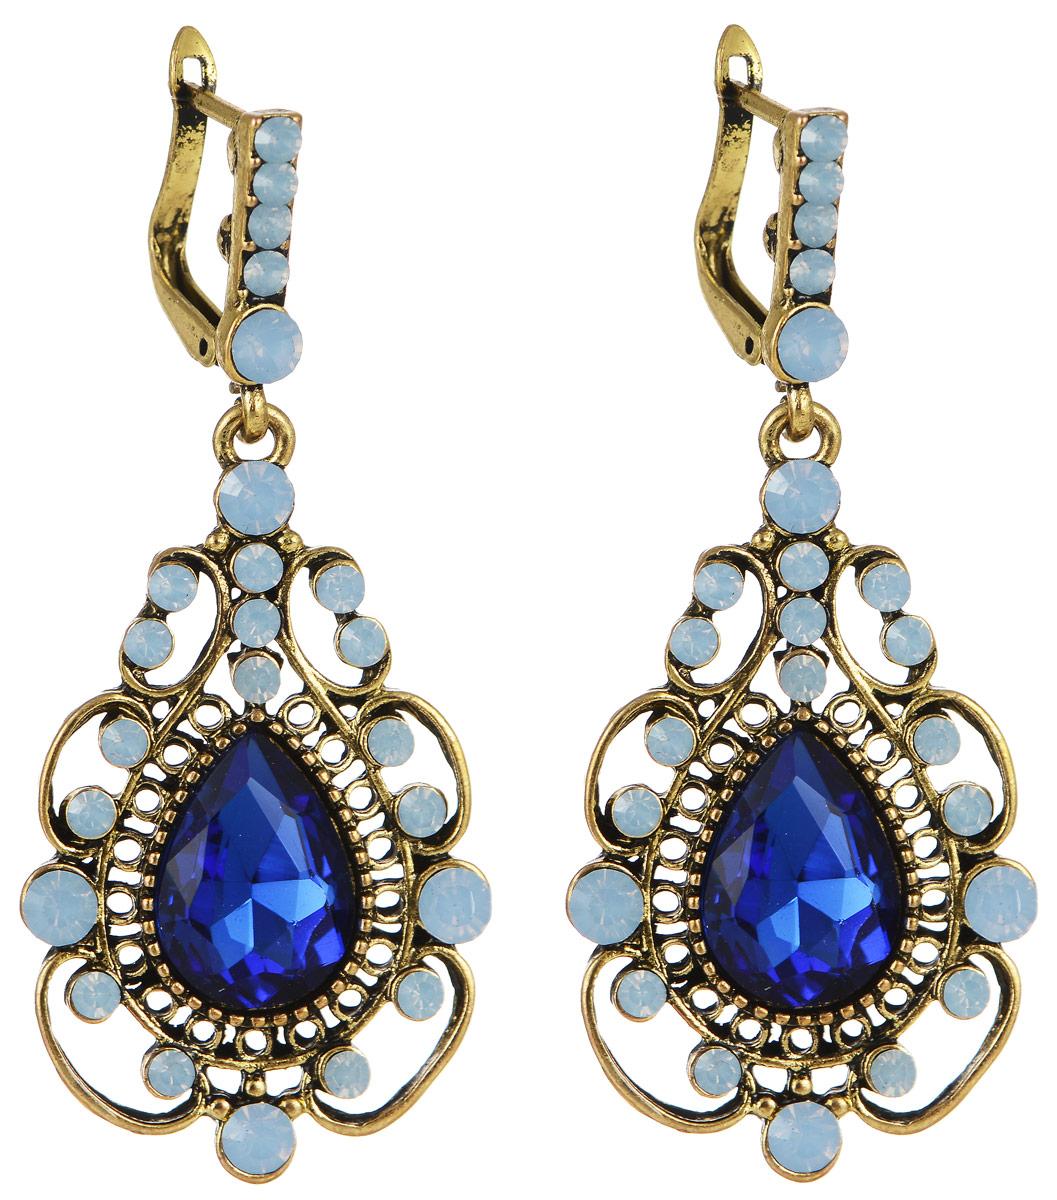 Серьги Taya, цвет: золотистый, темно-синий, голубой. T-B-11292T-B-11292-EARR-GL.D.BLUEСтильные серьги современного дизайна Taya изготовлены из металлического сплава, модель не оставит равнодушной ни одну любительницу изысканных и необычных украшений. Серьги выполнены в виде оригинальных витых подвесок, украшенных каплевидным камнем и россыпью мелких камней. Серьги застегиваются на английский замок. Такие серьги помогут дополнить любой образ и привнести в него завершающий яркий штрих.